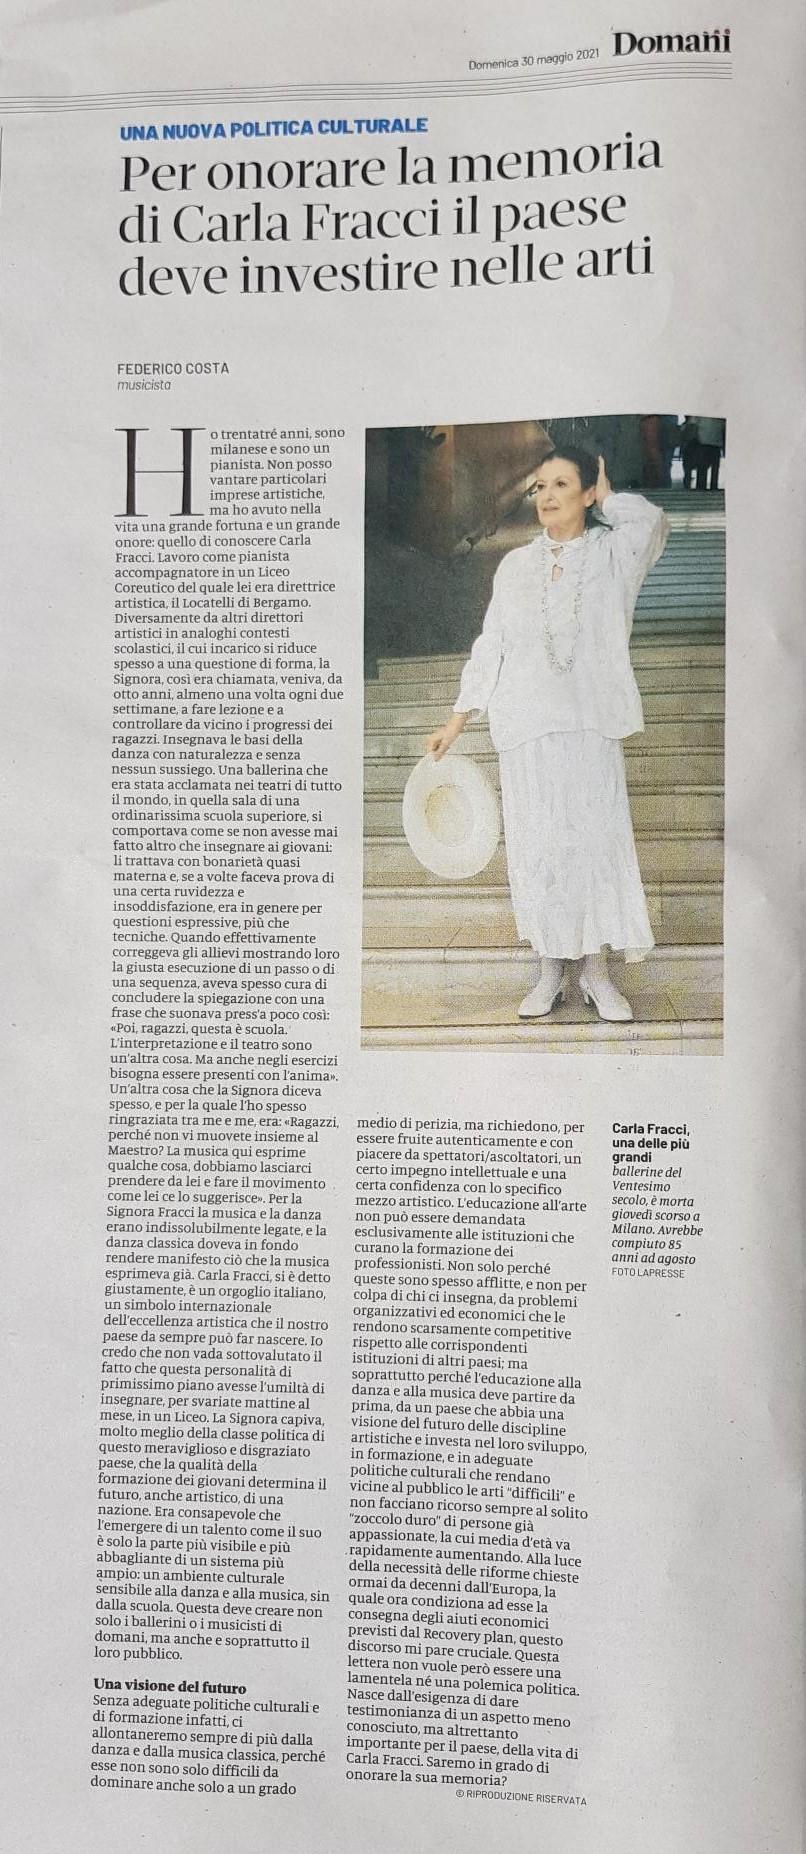 Carla Fracci e le arti sorelle: un vanto italiano anche nella formazione. Di Federico Costa